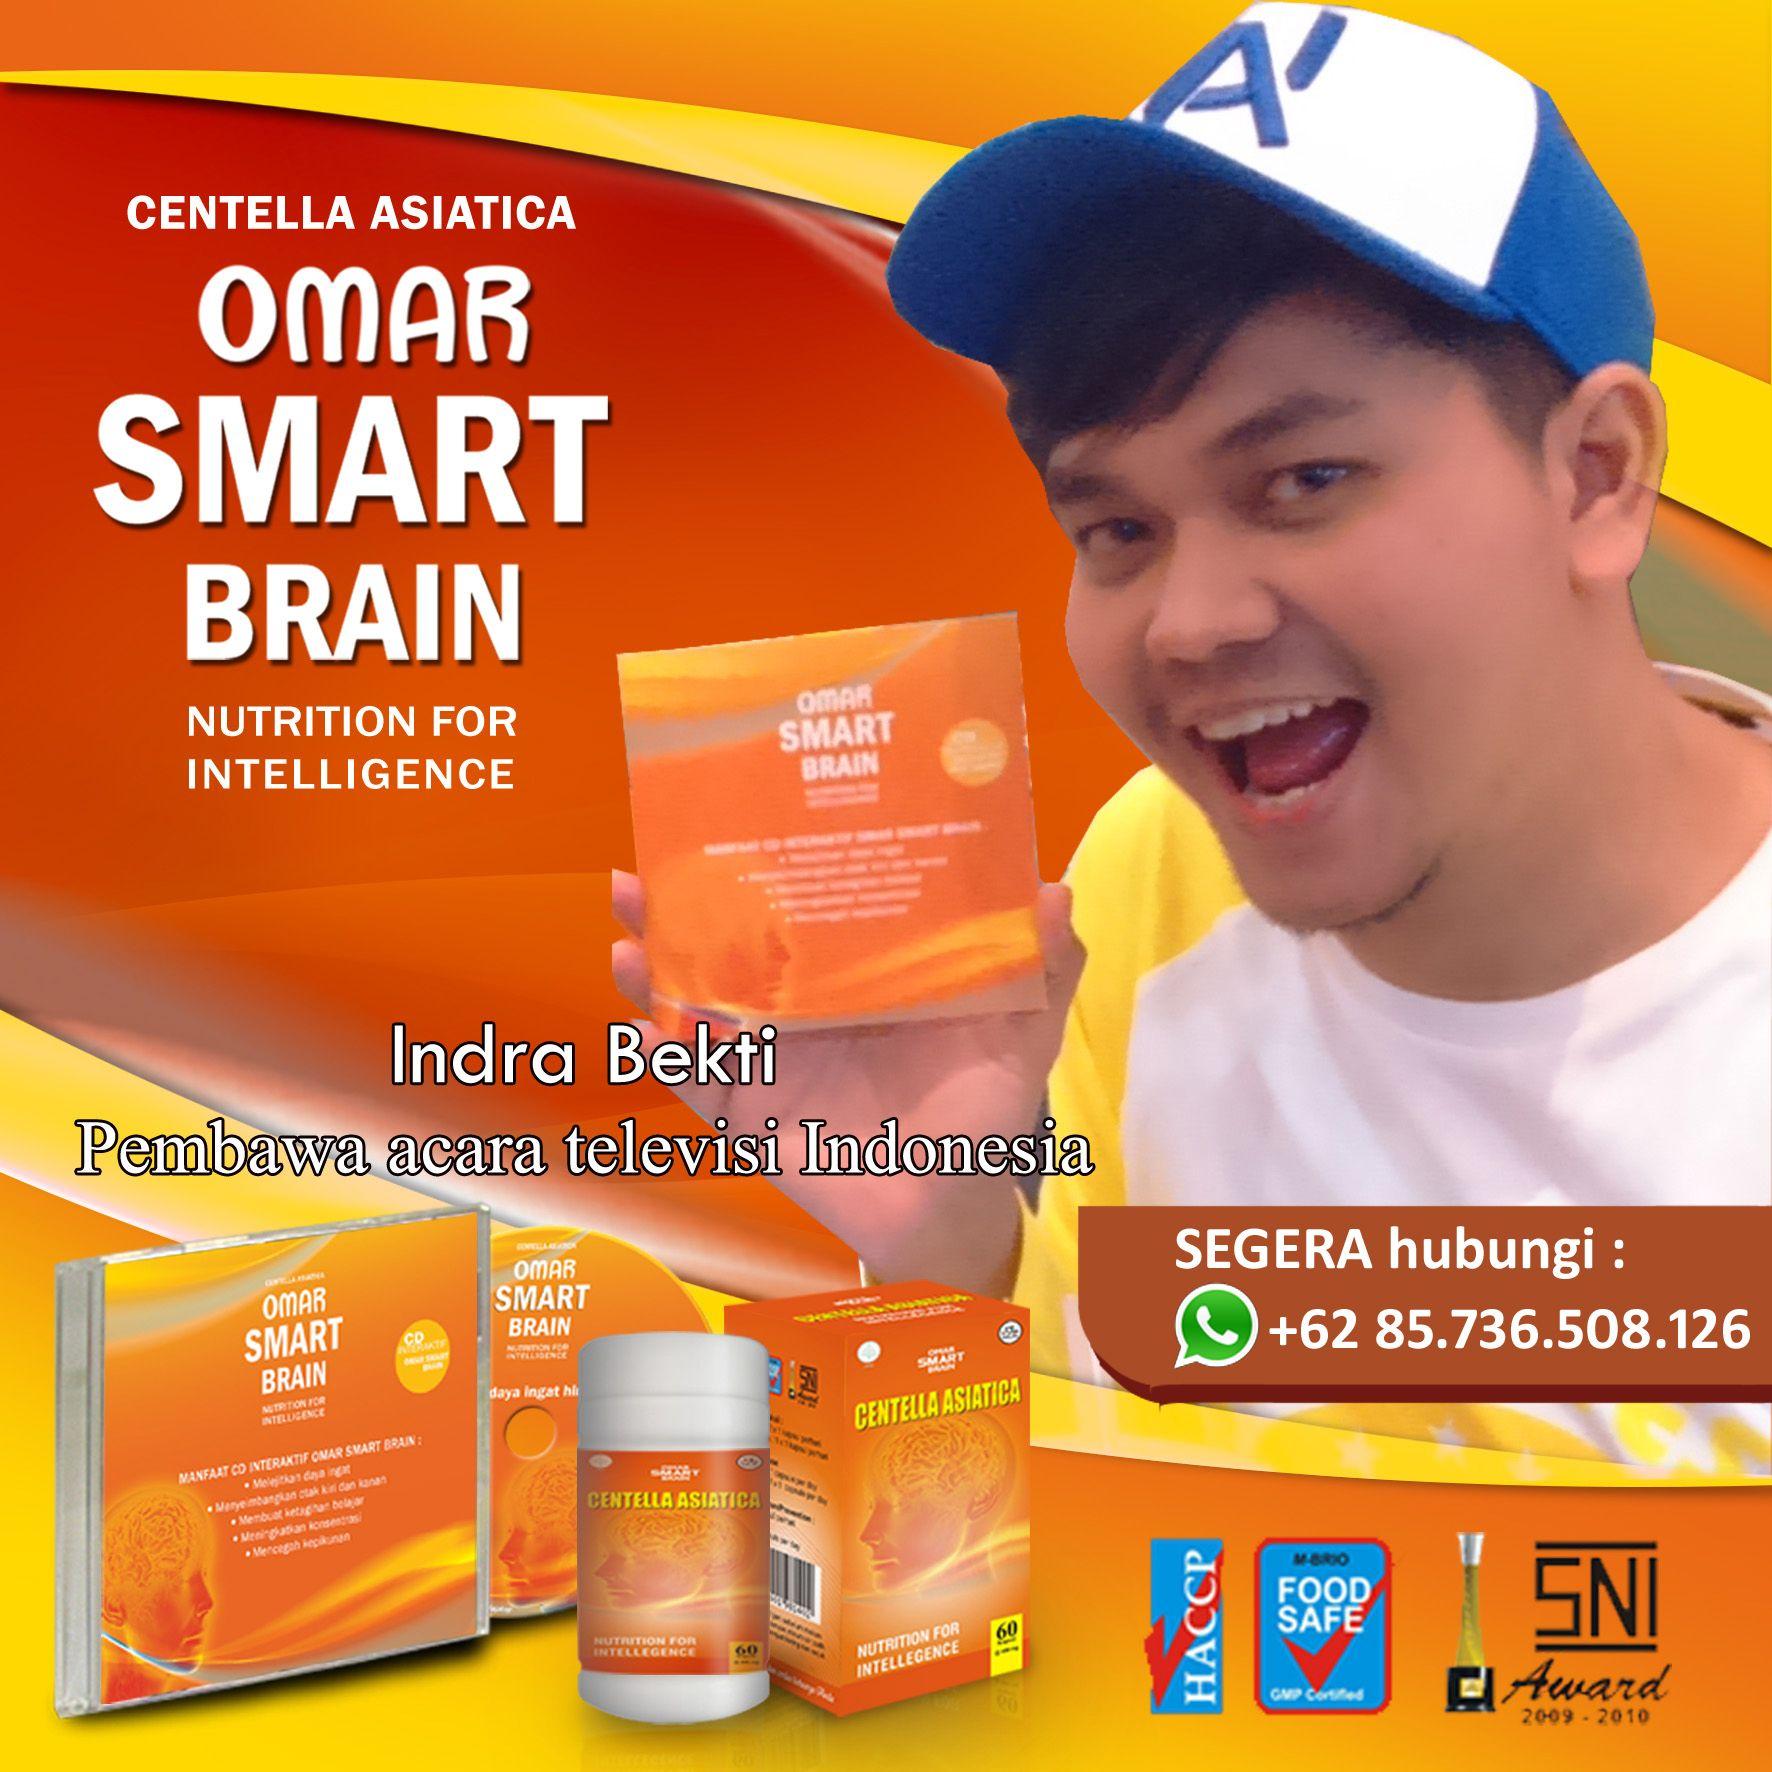 nutrisi kecerdasan anak, vitamin otak untuk orang dewasa